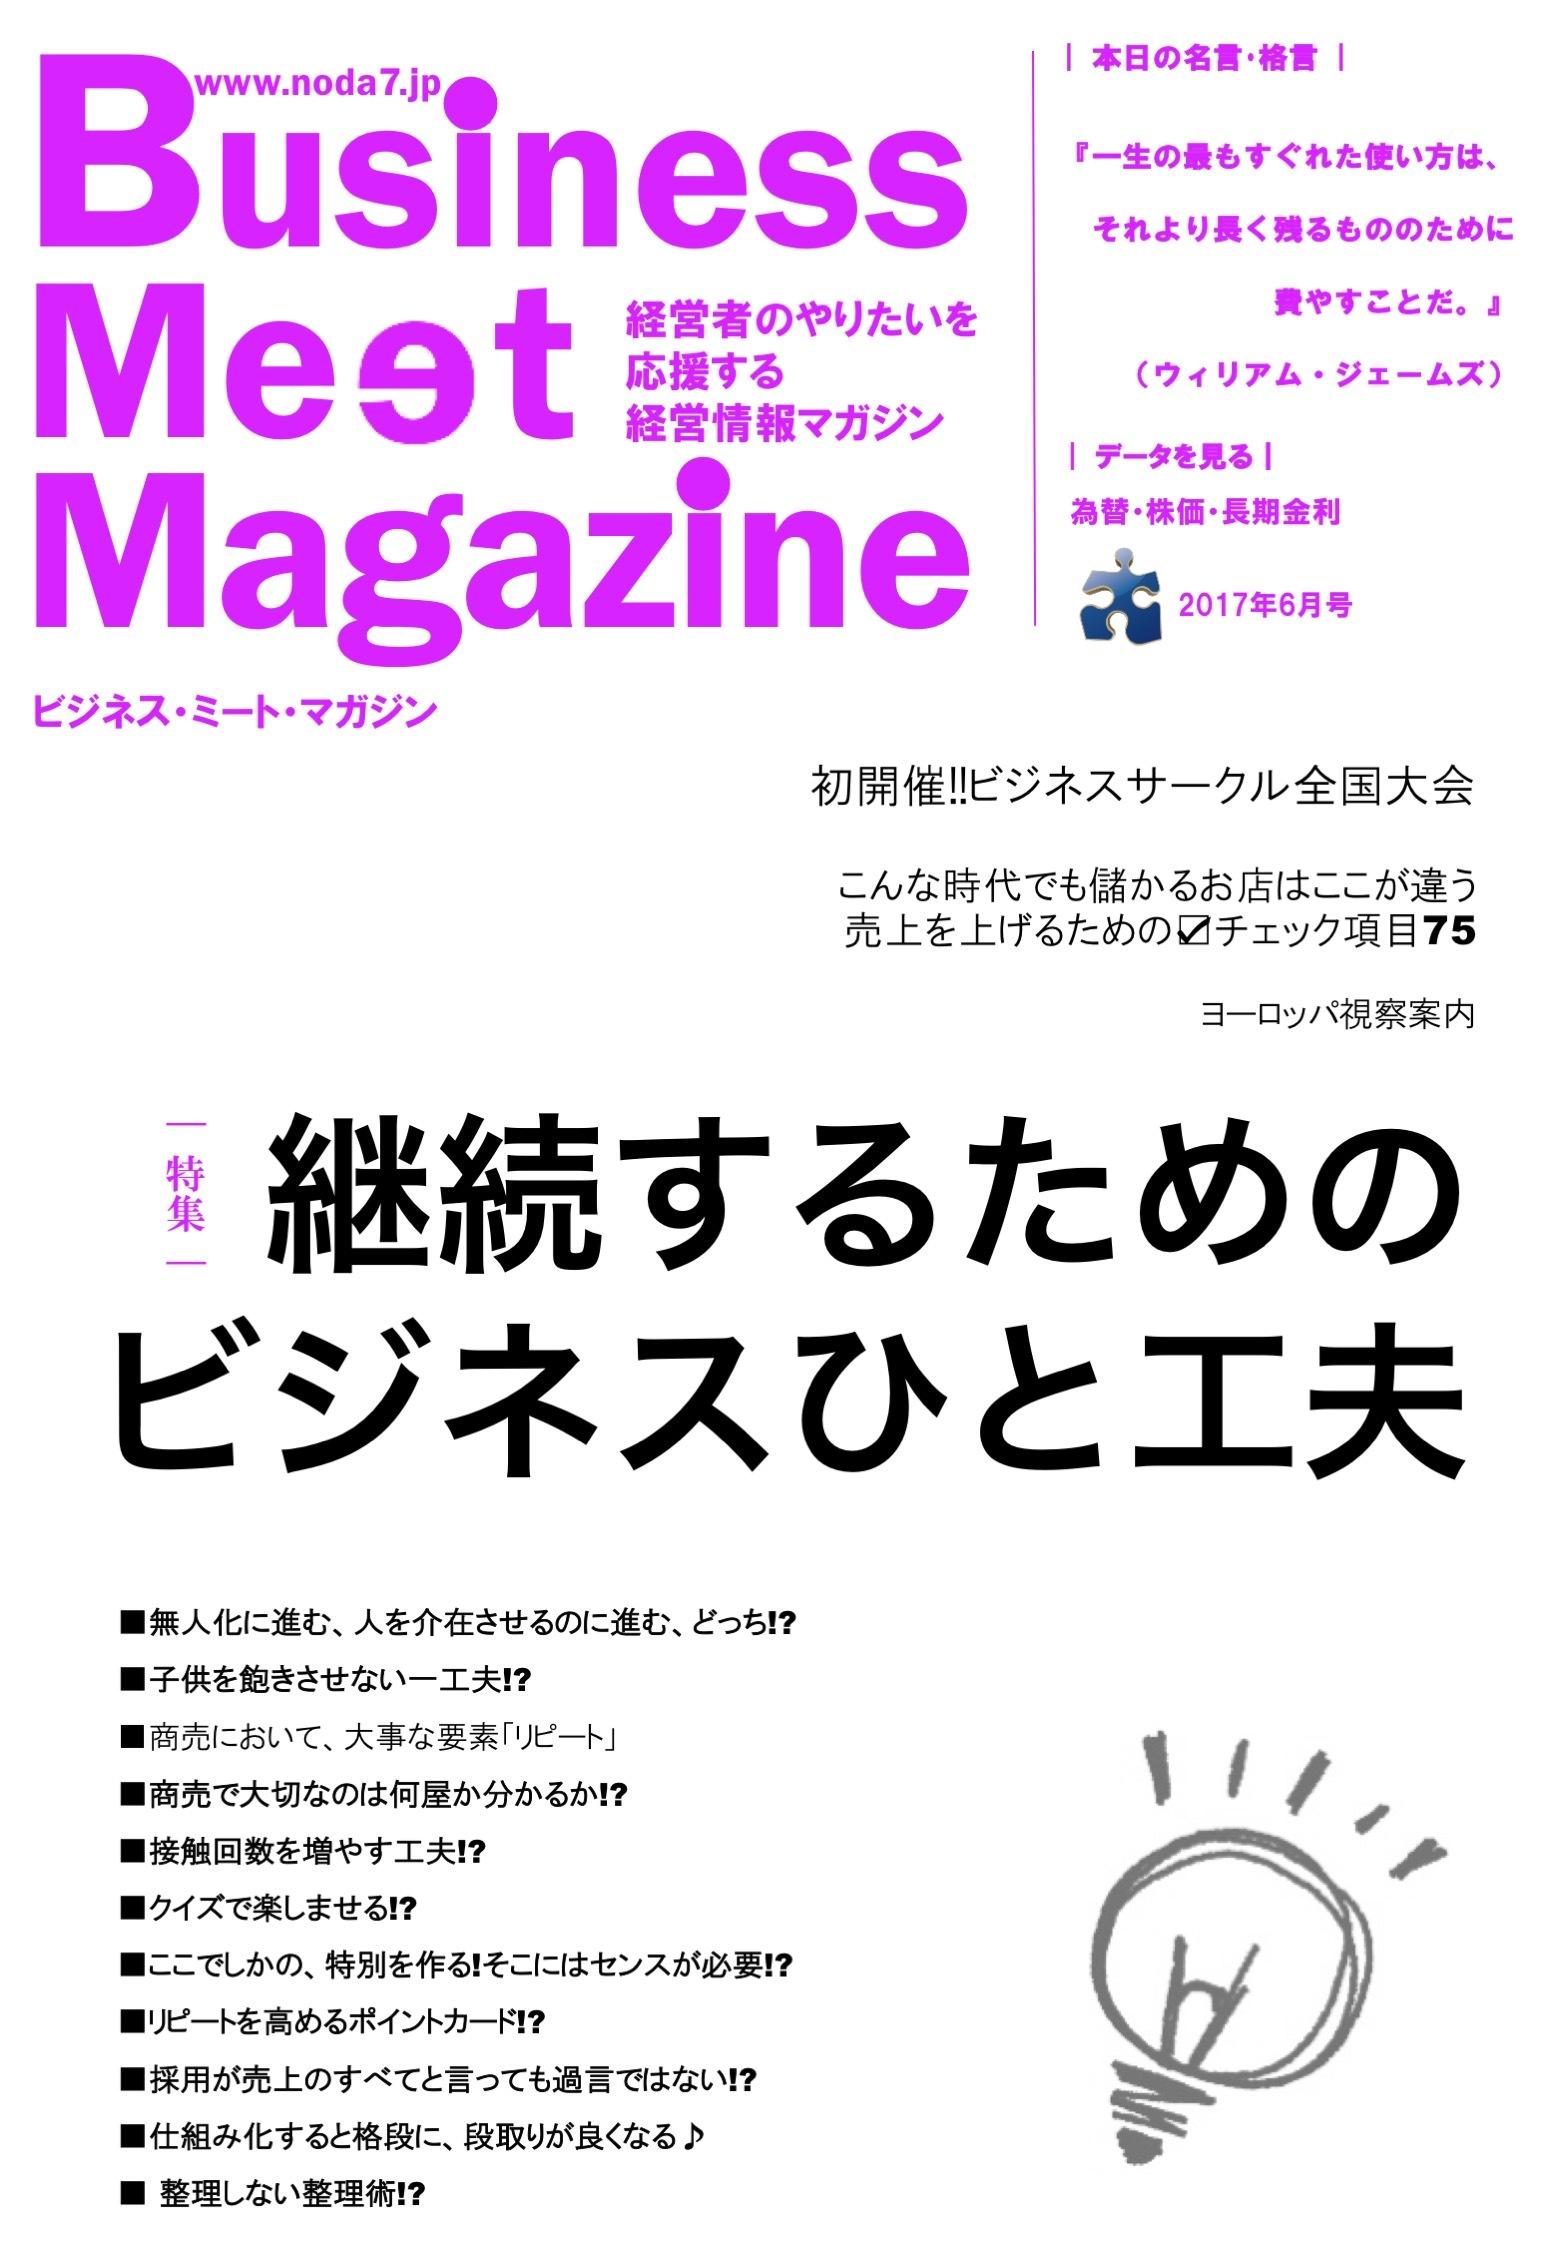 [雑誌]BMM2017年6月号「継続するためのビジネスひと工夫」